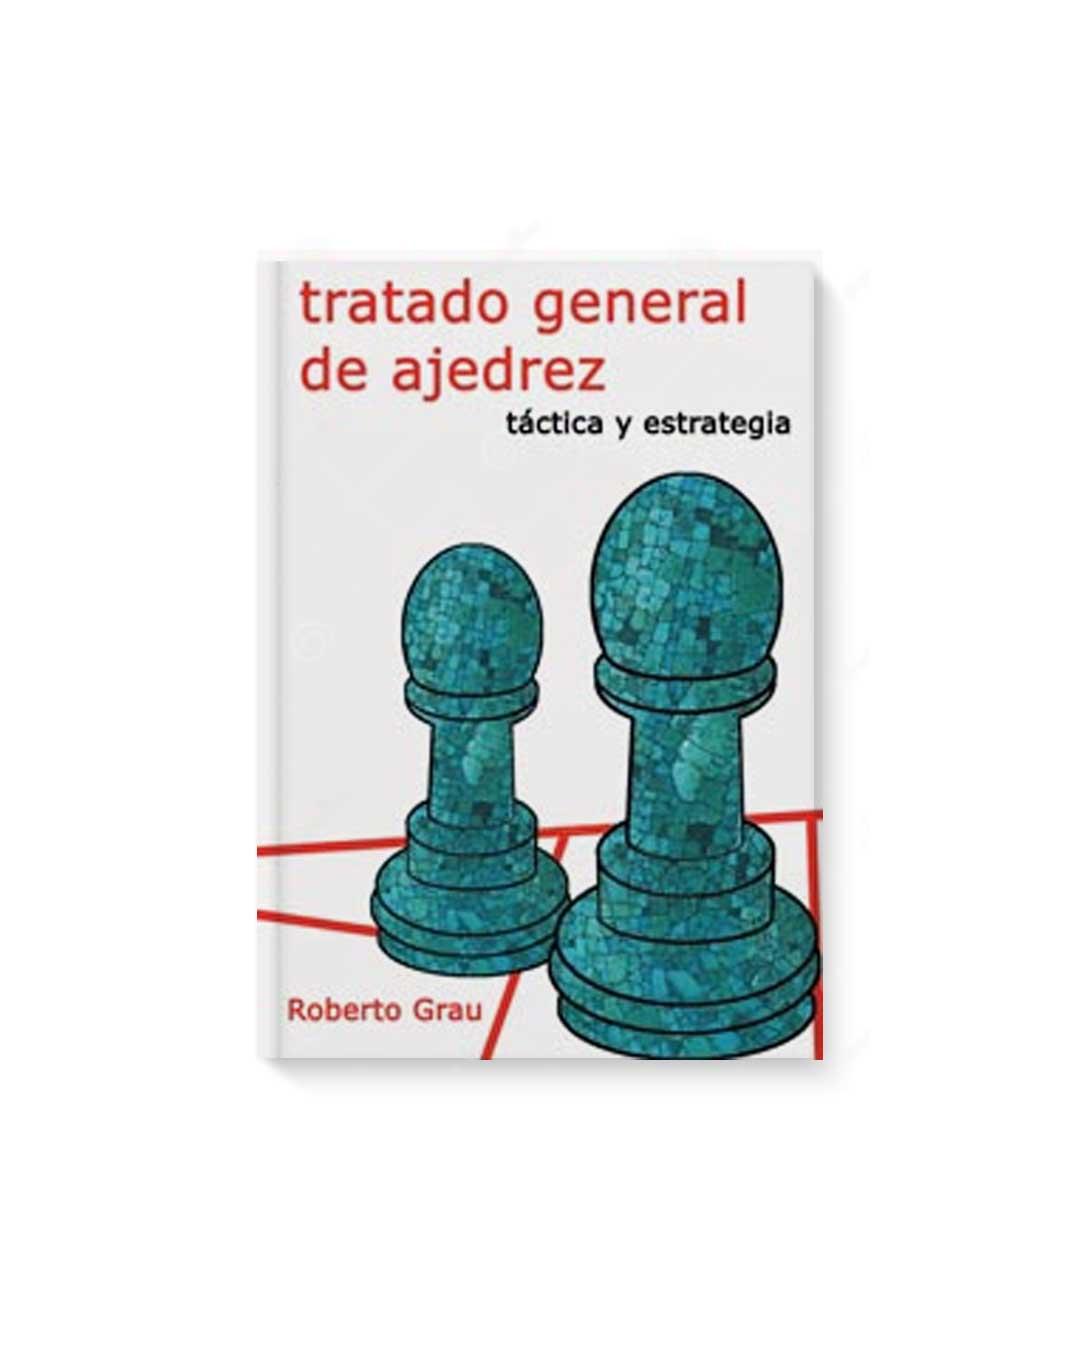 Tratado general de ajedrez - Tomo 2 - Táctica y estrategia (Grau)